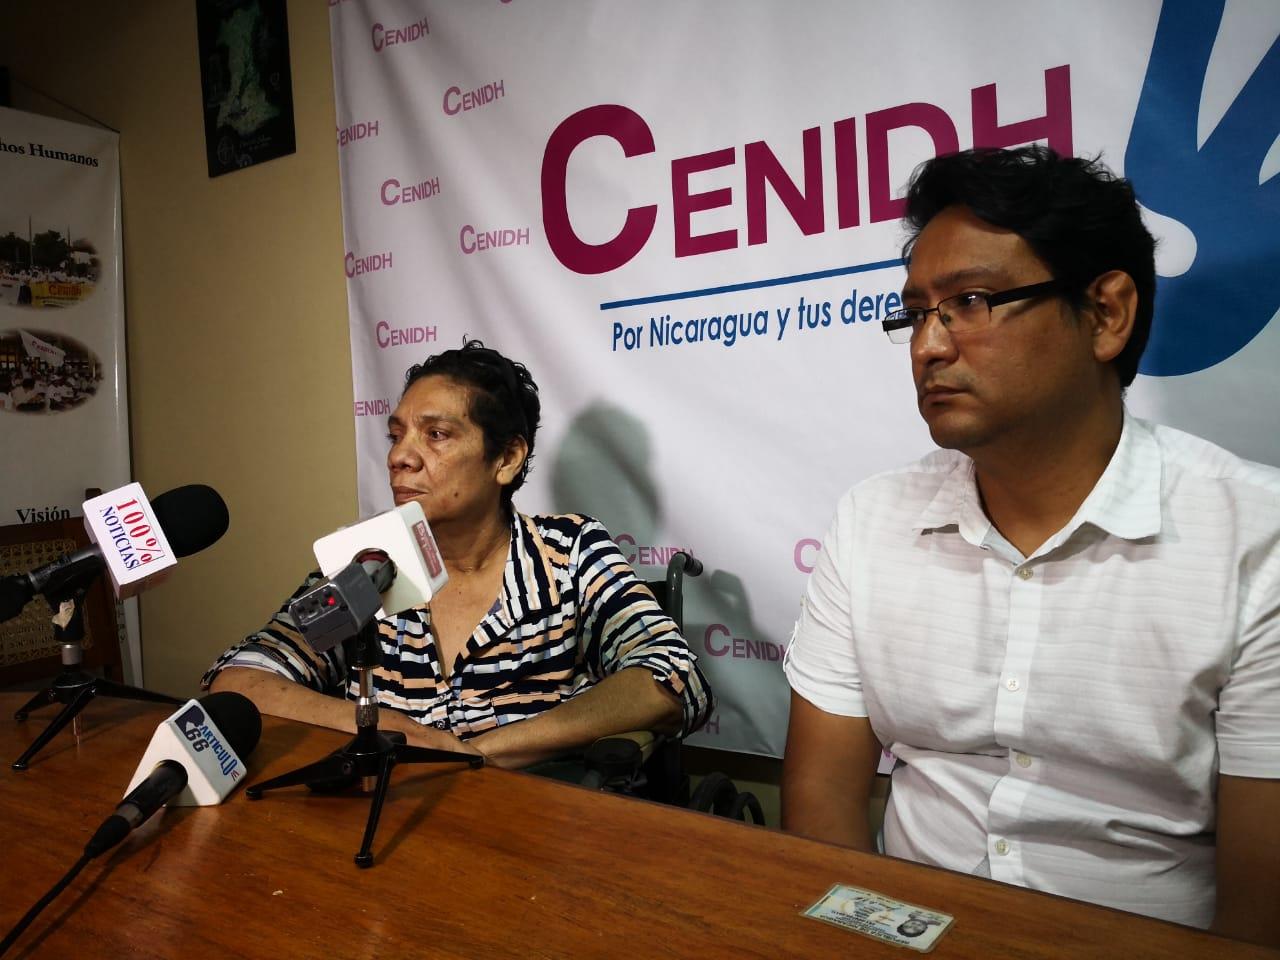 Juana Beatriz Pineda denuncia la detención ilegal de su hijo que padece de esquizofrenia. Foto: M. Balmaceda